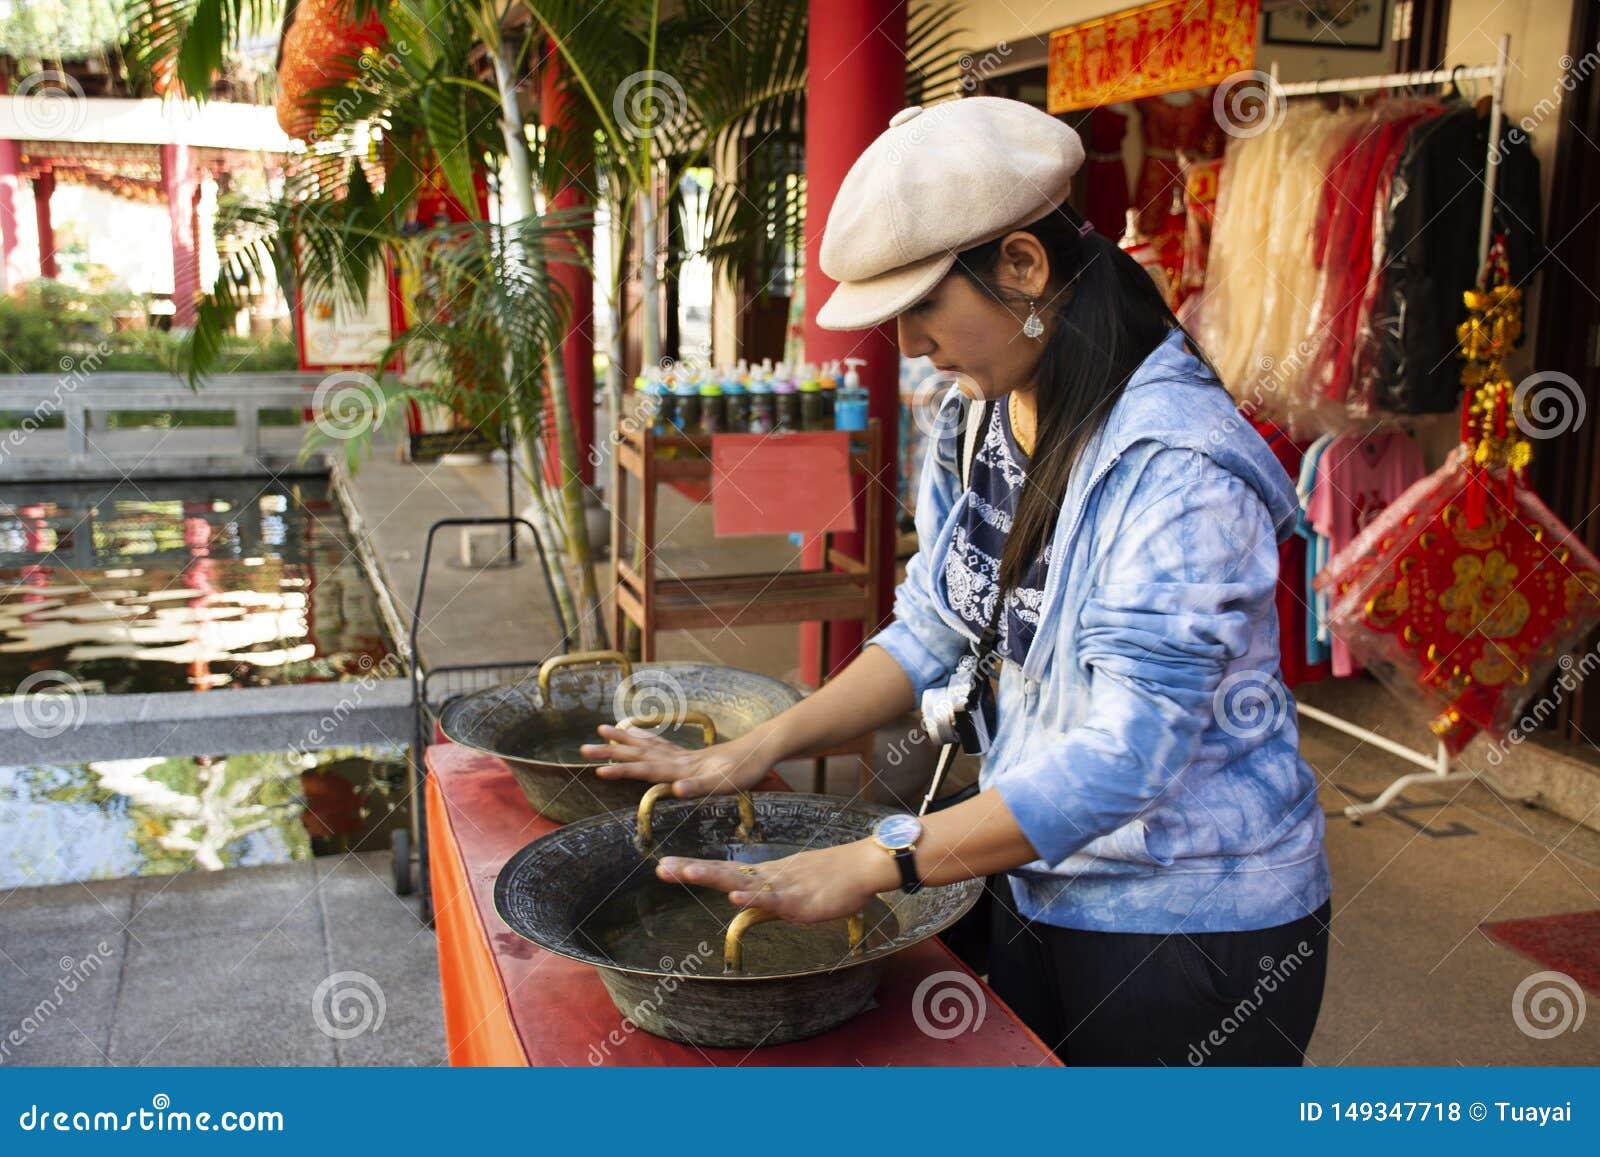 Aperto da fric??o tailandesa da mulher do estilo chin?s de bronze do dissipador para a b?n??o e afortunado ? m?o no centro cultur